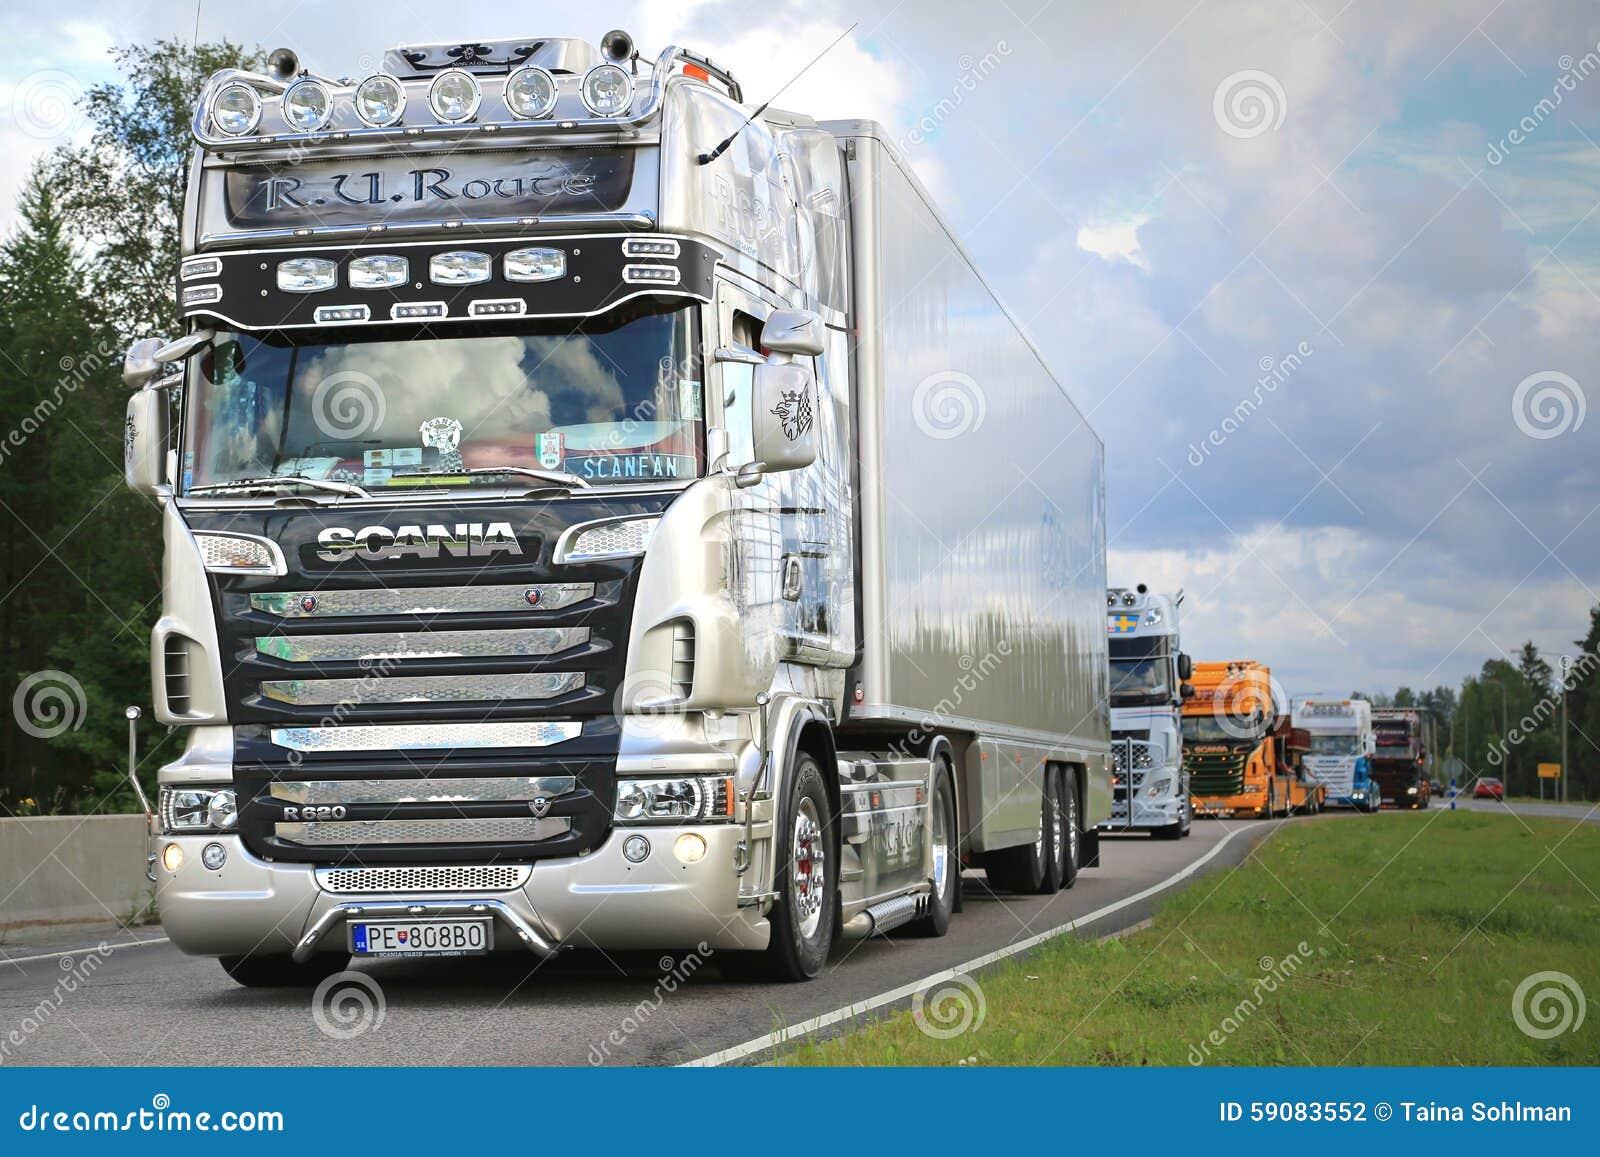 Scania semi r620 r u route on in truck convoy editorial - Foto di grandi camion ...